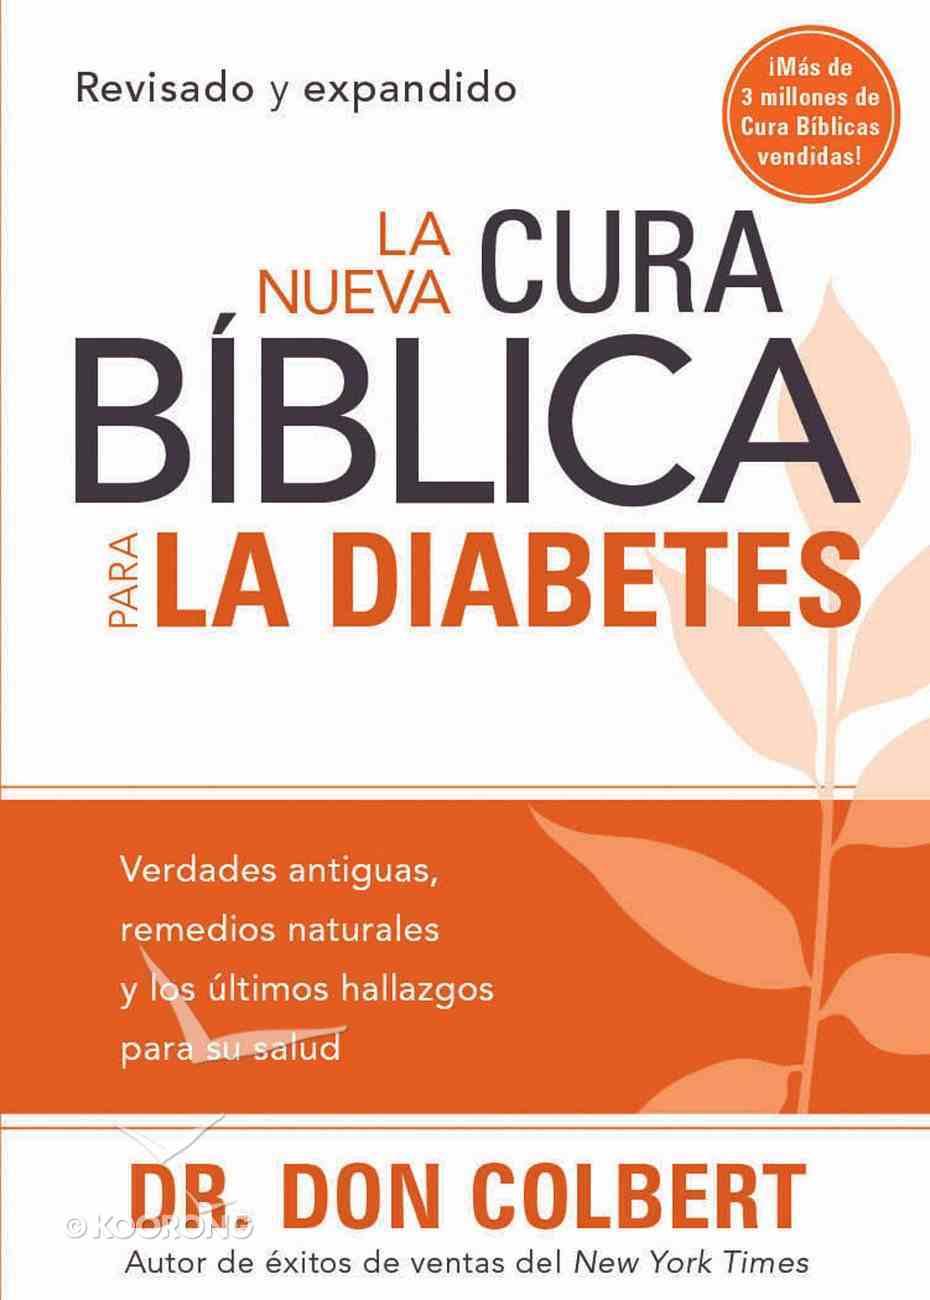 La Nueva Cura Biblica Para La Diabetes (Spanish) (Spa) (The New Bible Cure For Diabetes) (Bible Cure Series) eBook